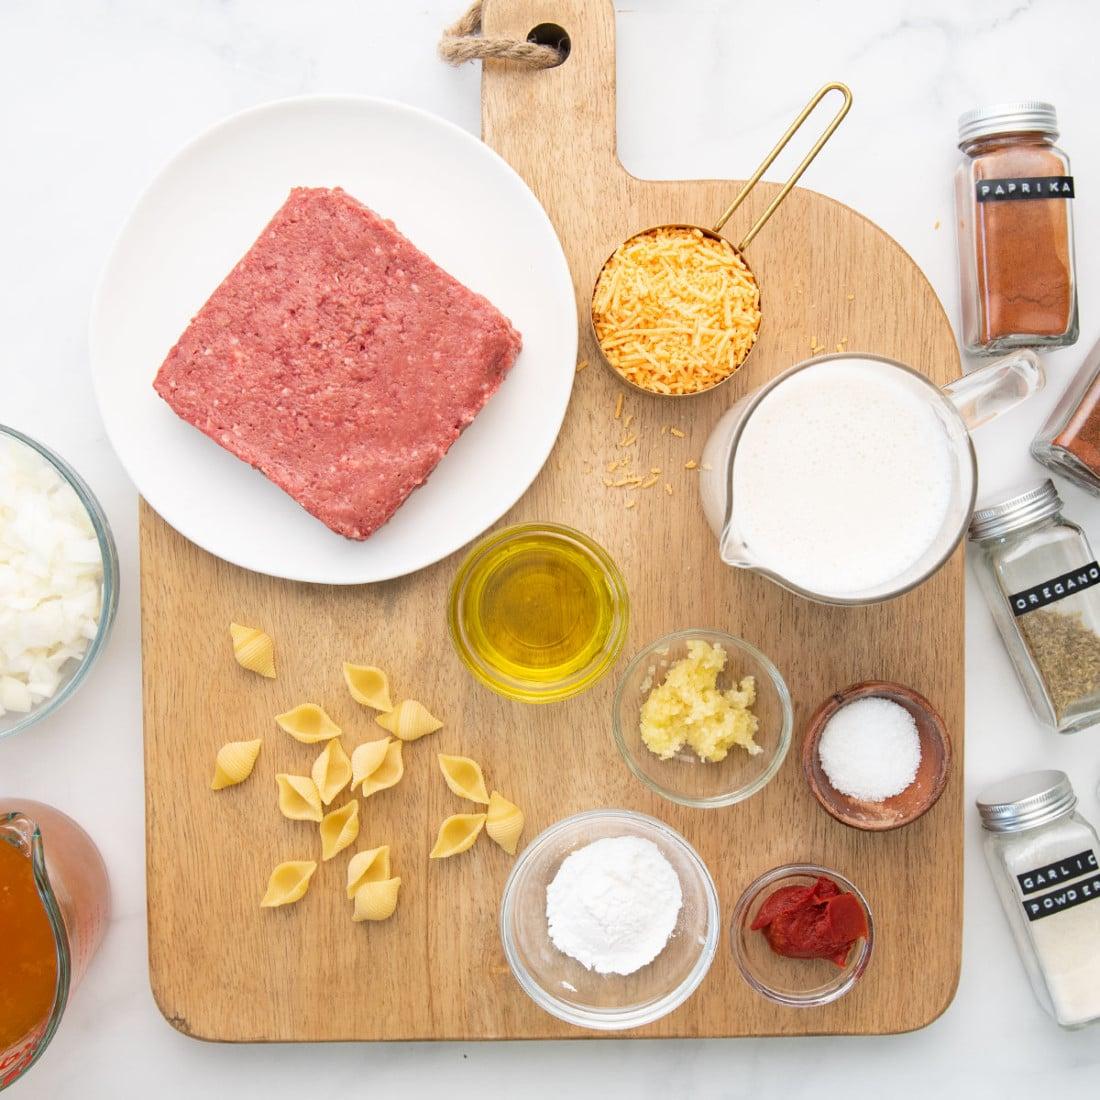 ingredients - impossible beef, cheese, oat milk, seasonings on a board